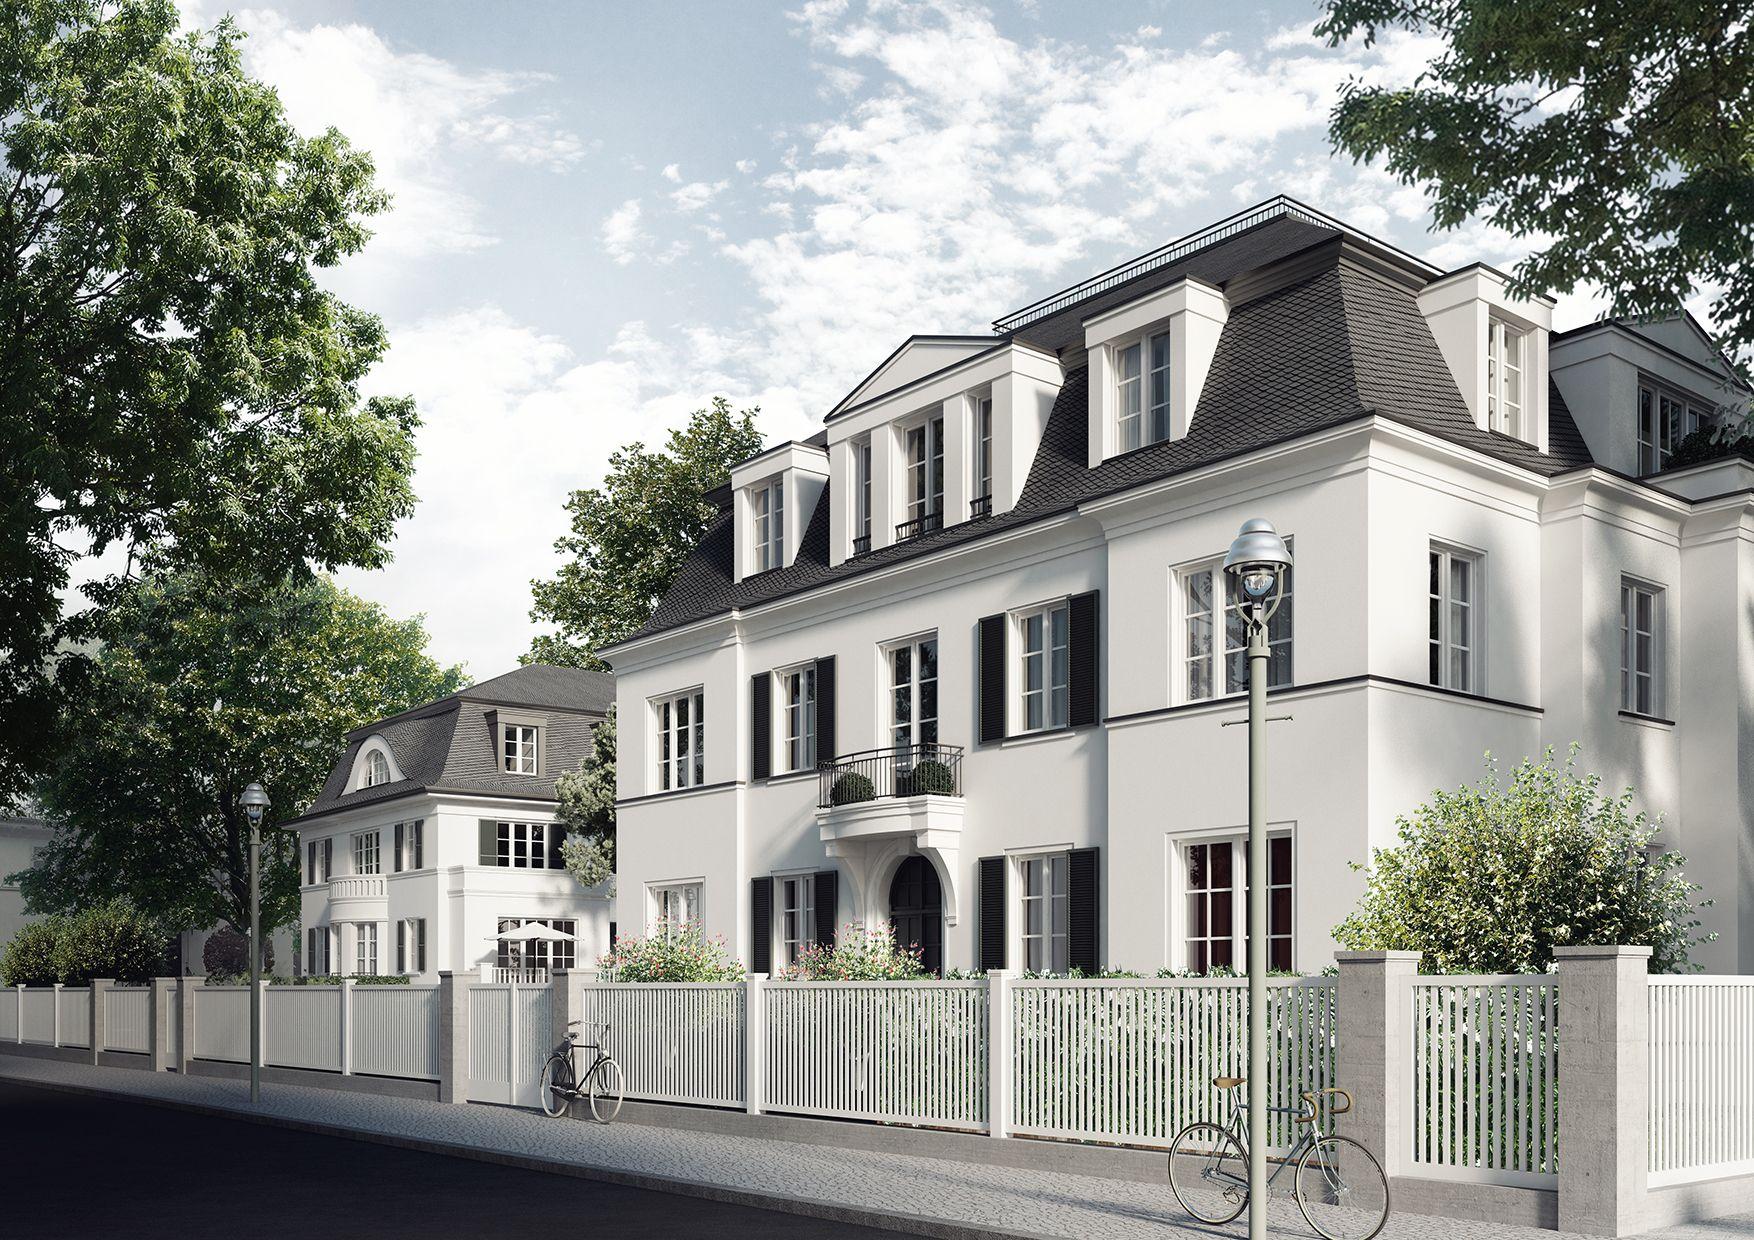 zwei villen in zehlendorf klassische stadtvilla pinterest villa architektur und fassaden. Black Bedroom Furniture Sets. Home Design Ideas